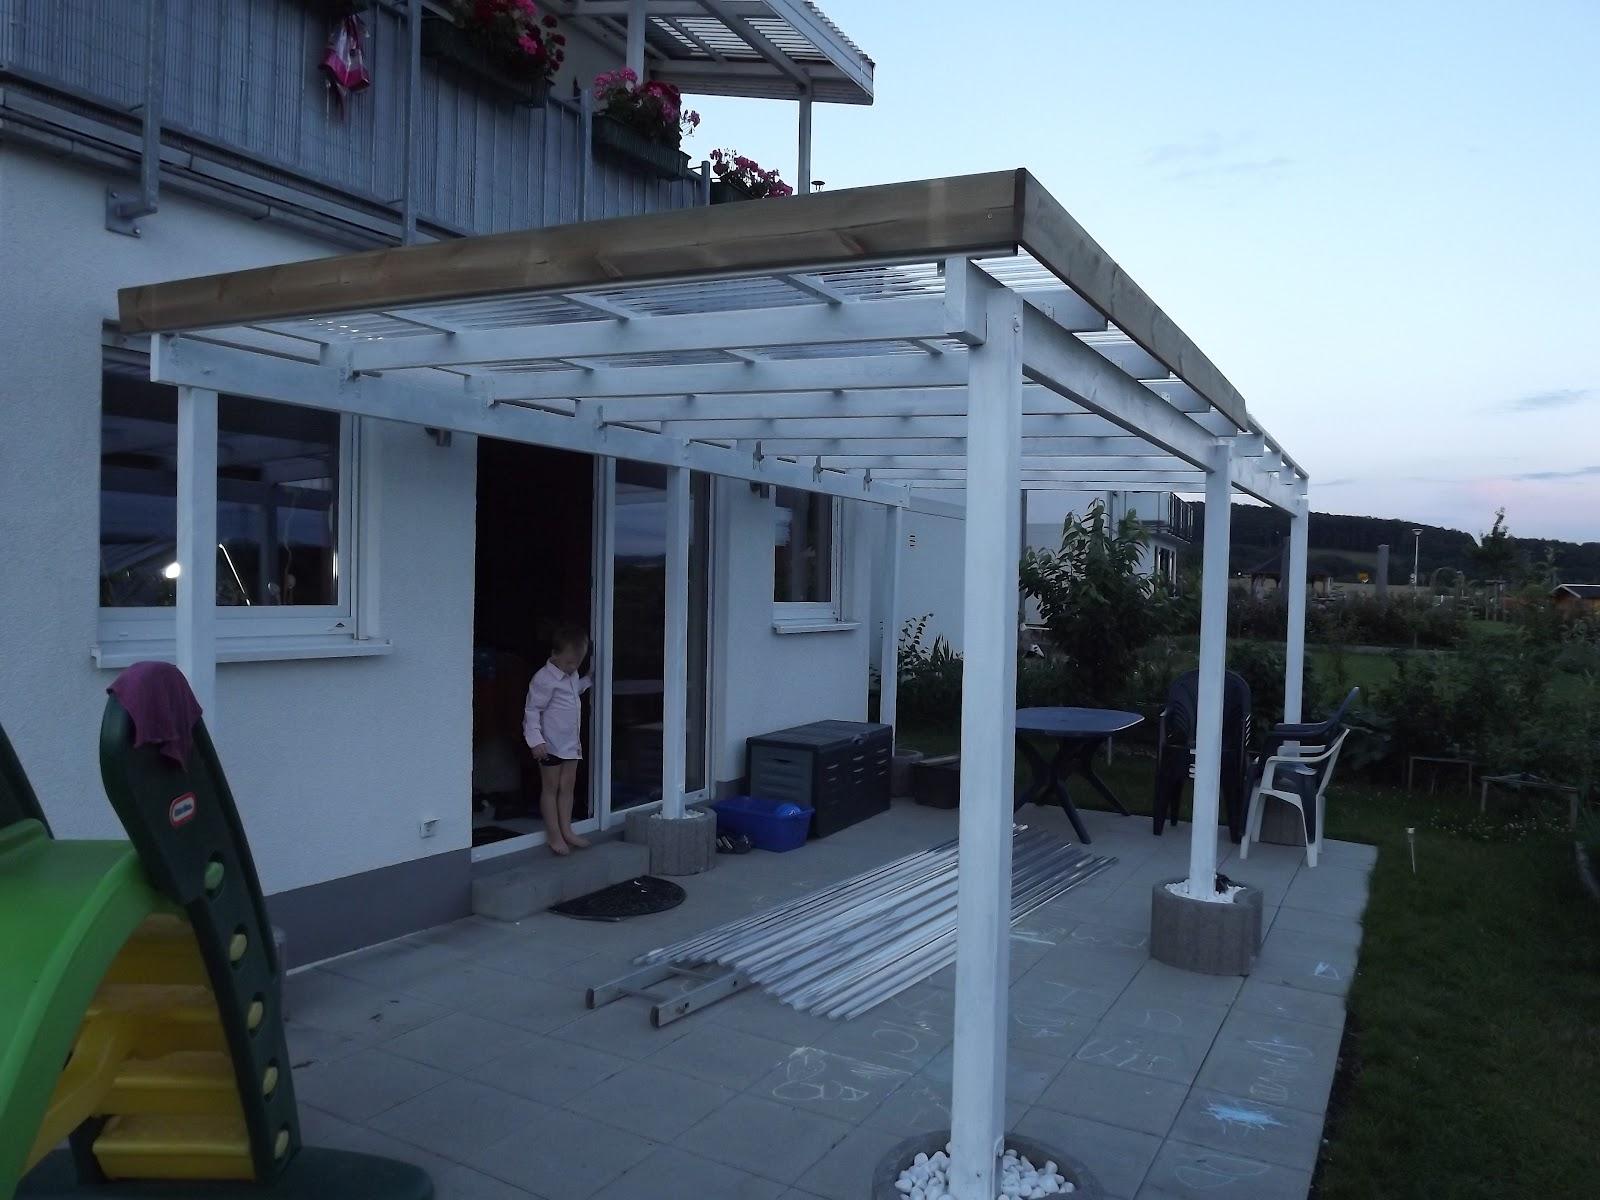 TerrassenUberdachung Holz Firmen ~ Fast fertig es fehlen noch 2 Dachplatten ( habe mich für PET 107 x